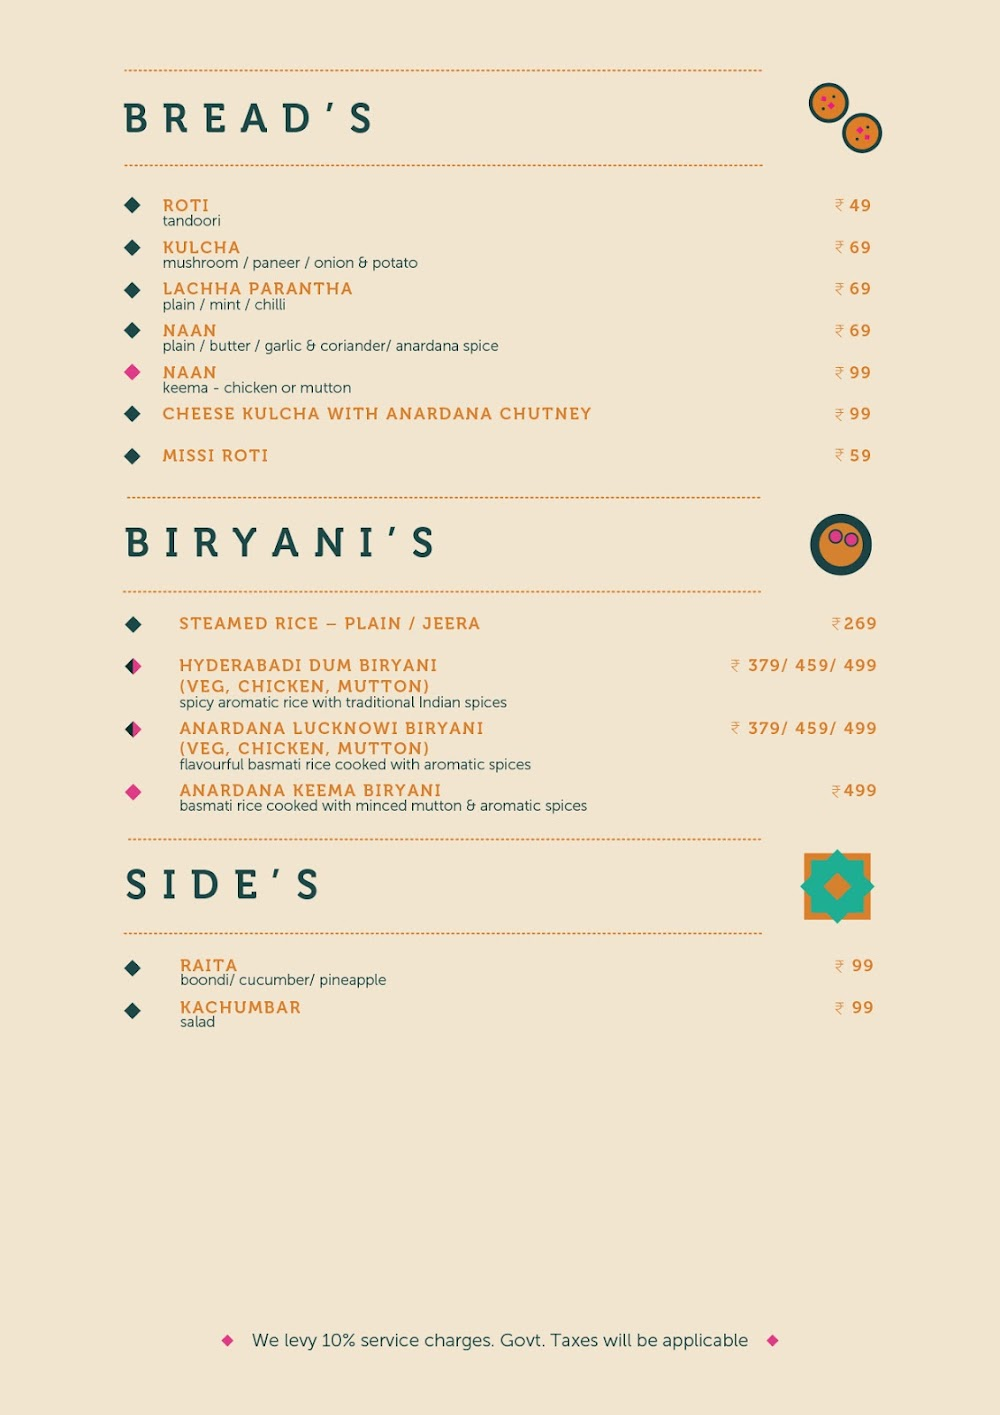 Anardana Modern Kitchen & Bar menu 8